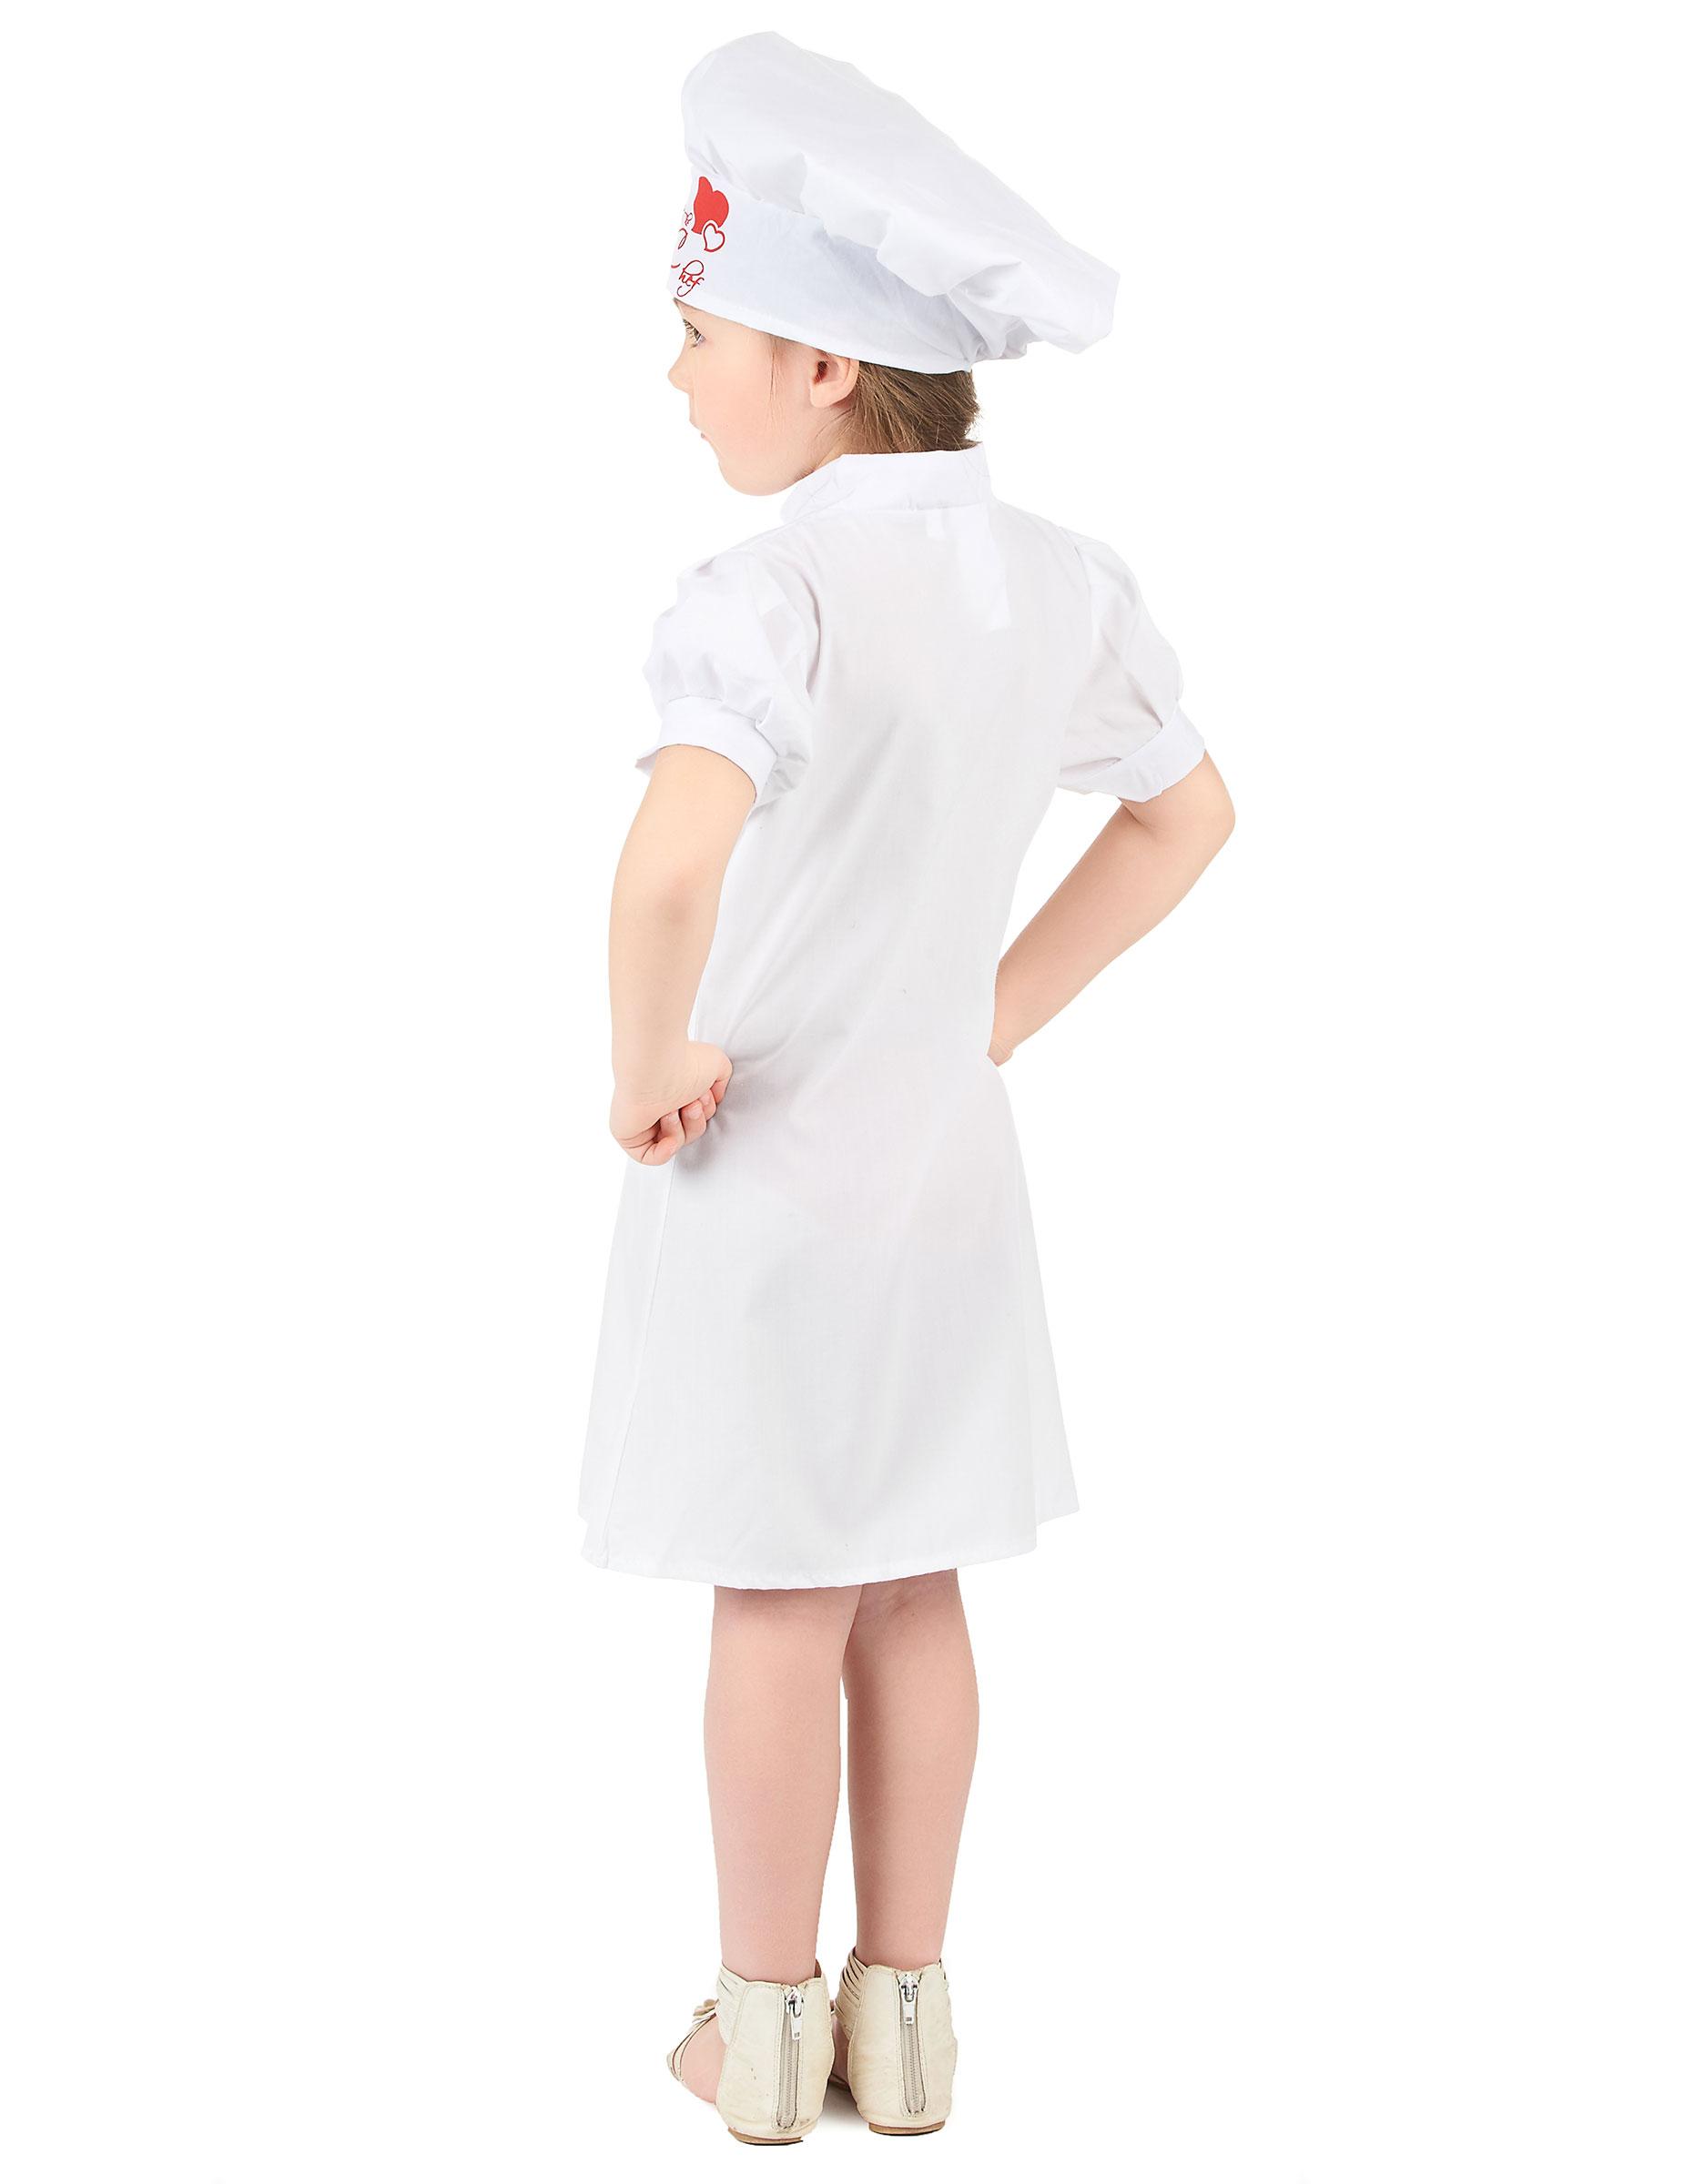 Disfraz chef de cocina nia Disfraces niosy disfraces